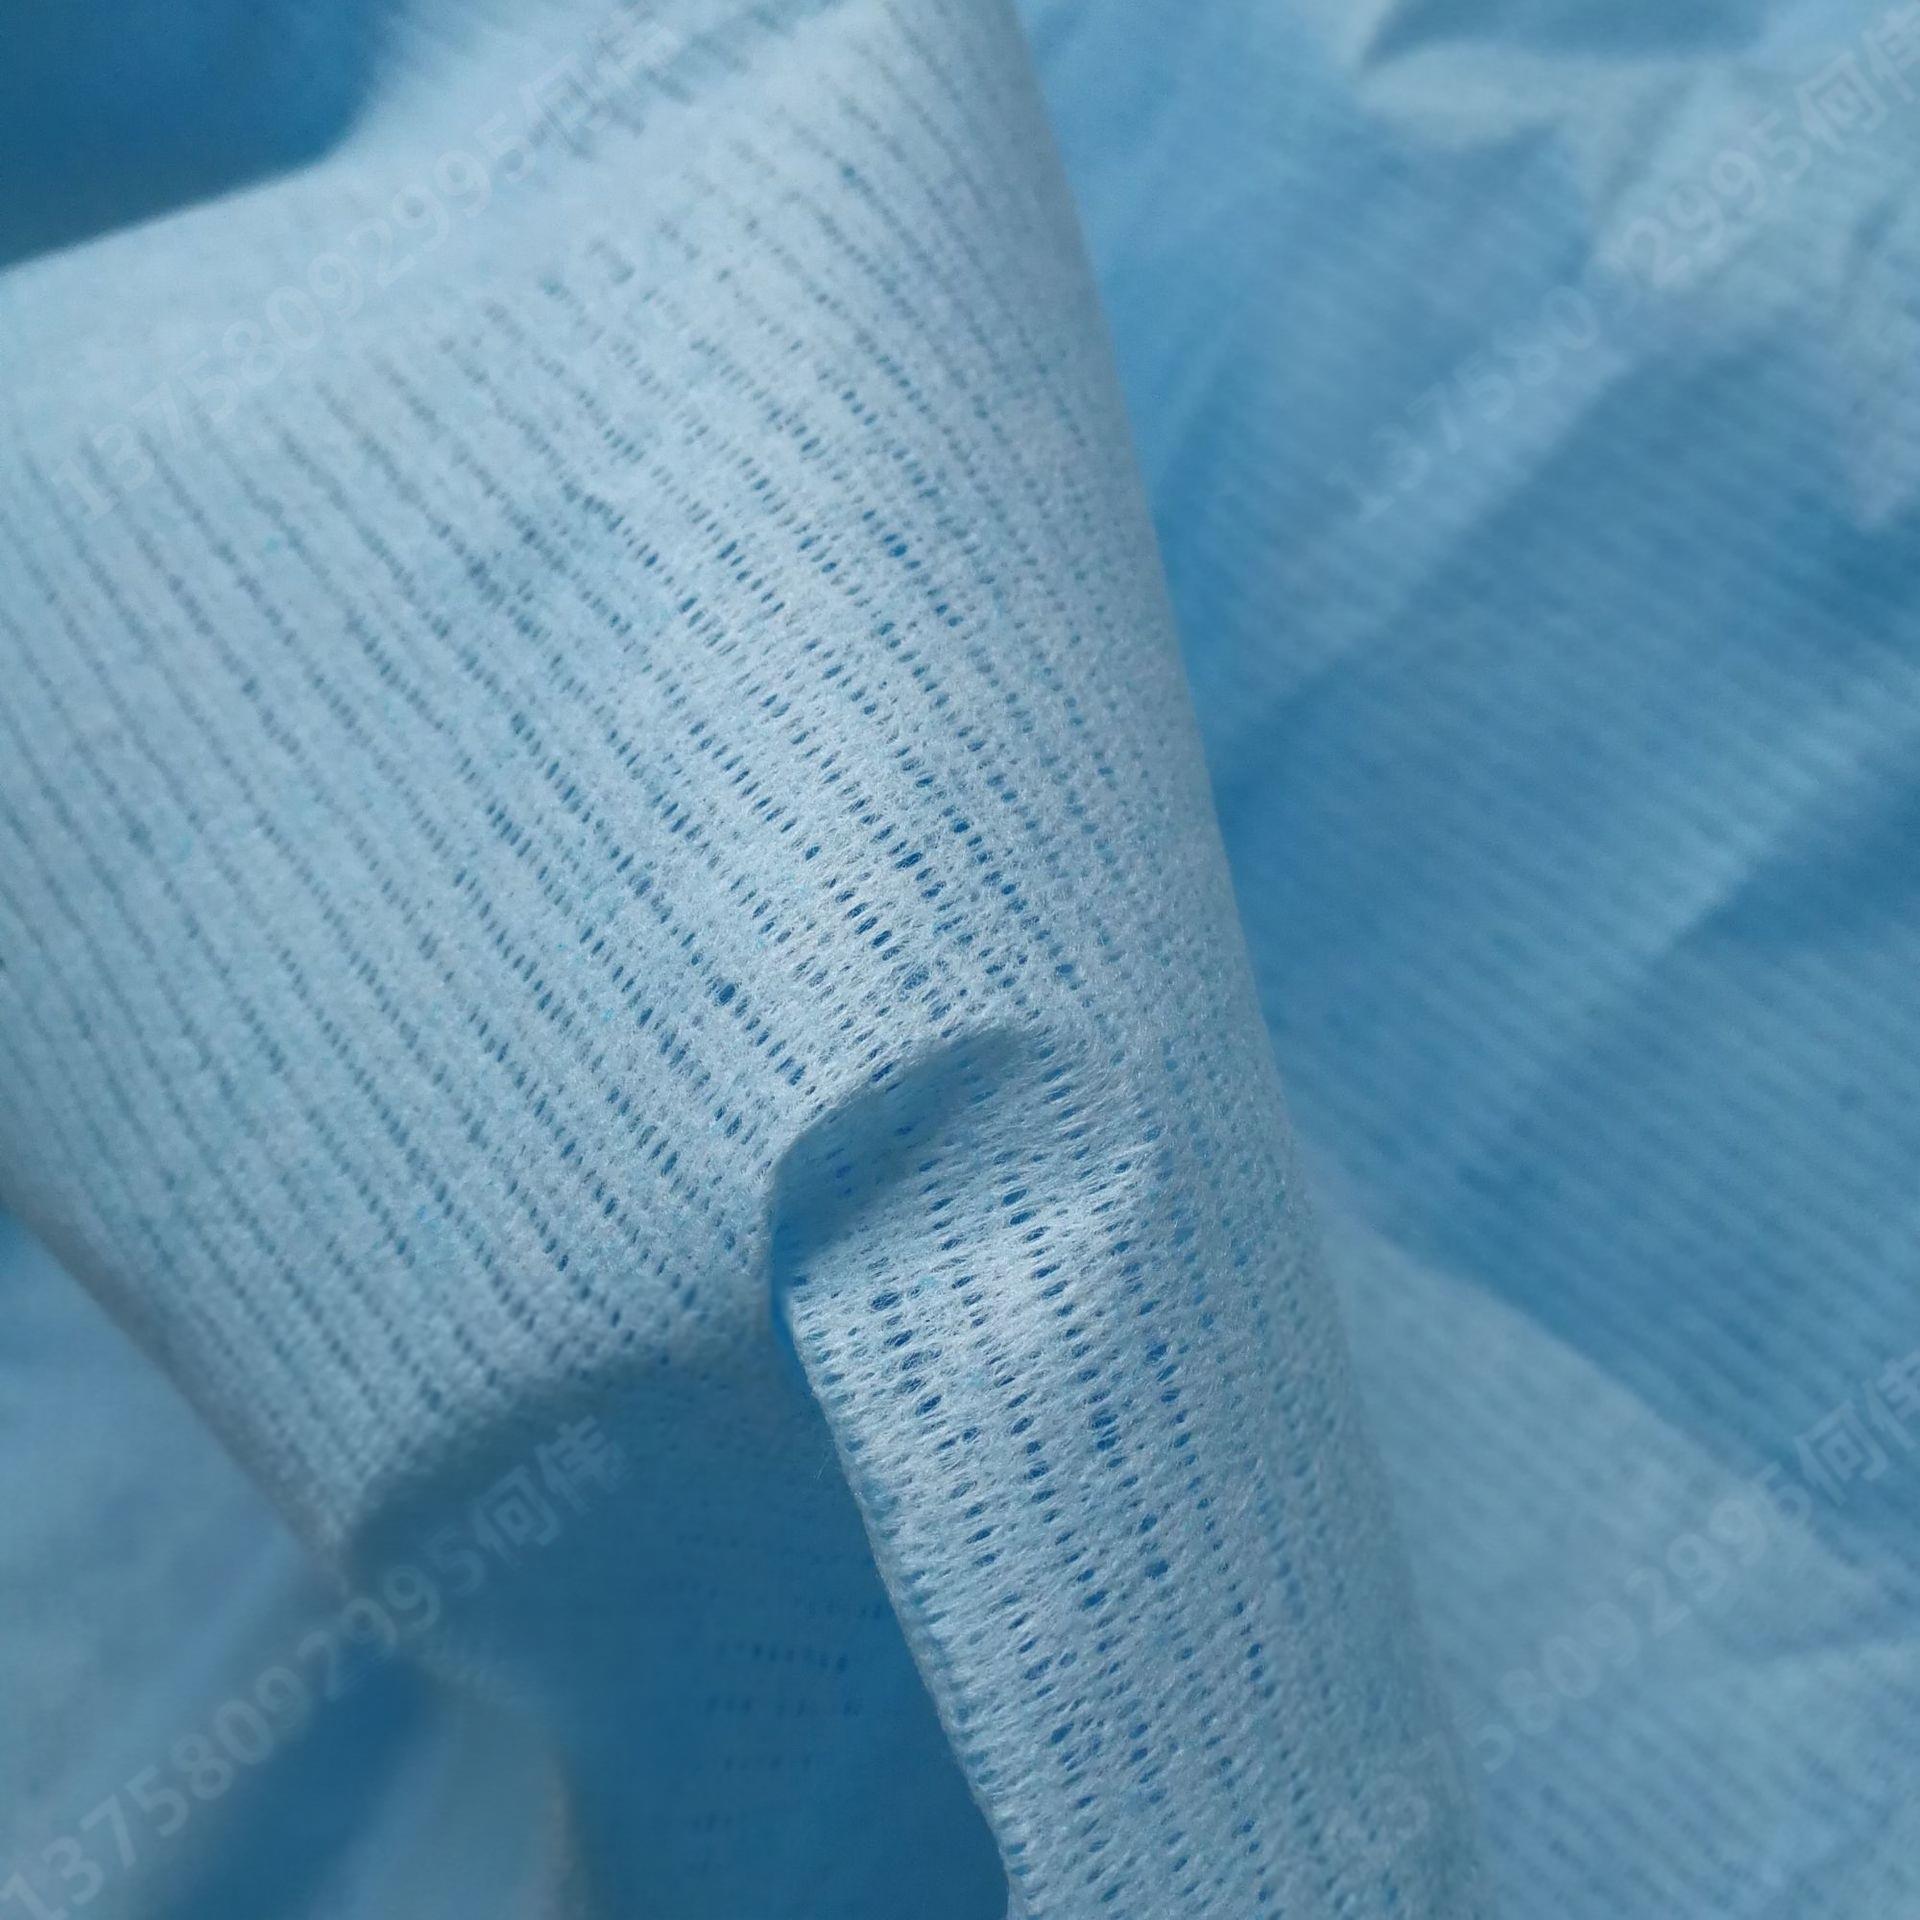 水刺无纺布抹布